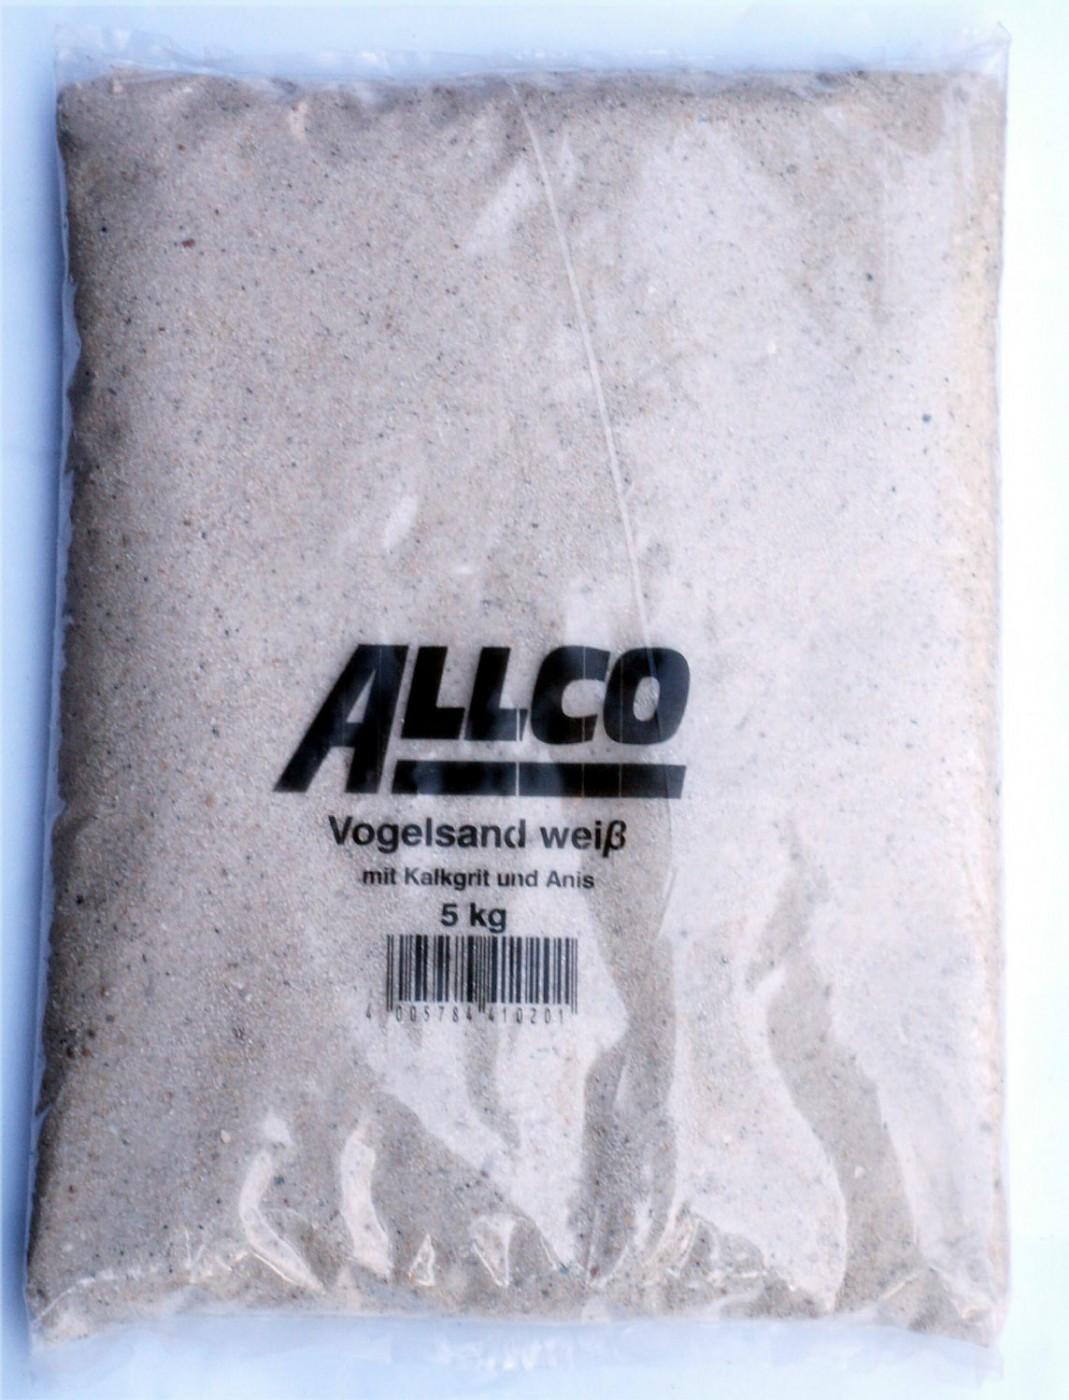 Allco Vogelsand weiß 3x5kg